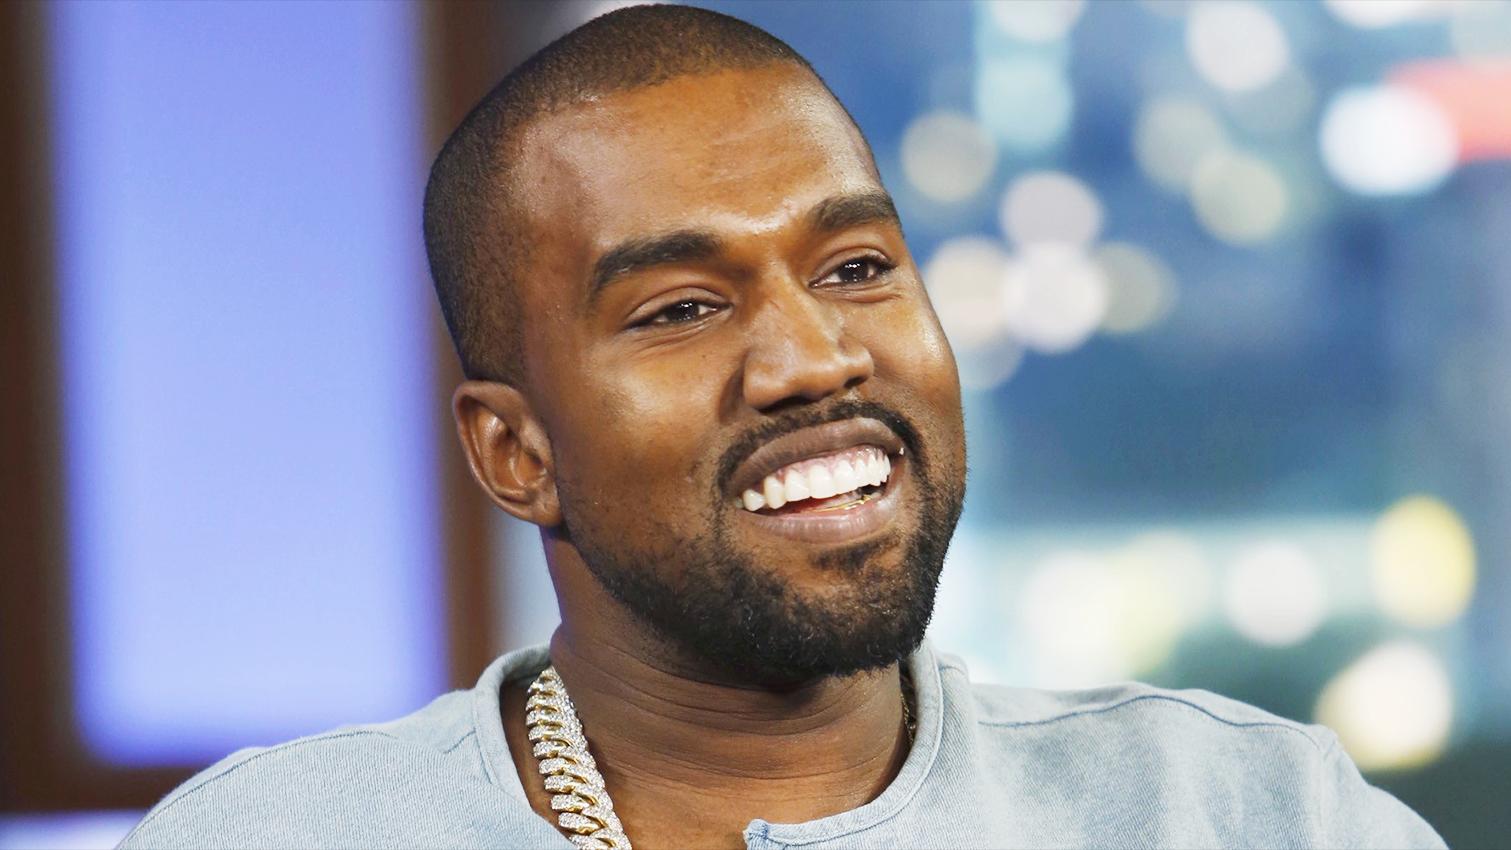 O rapper causou na rede social após demonstrar carinho ao presidente dos EUA, Donald Trump.